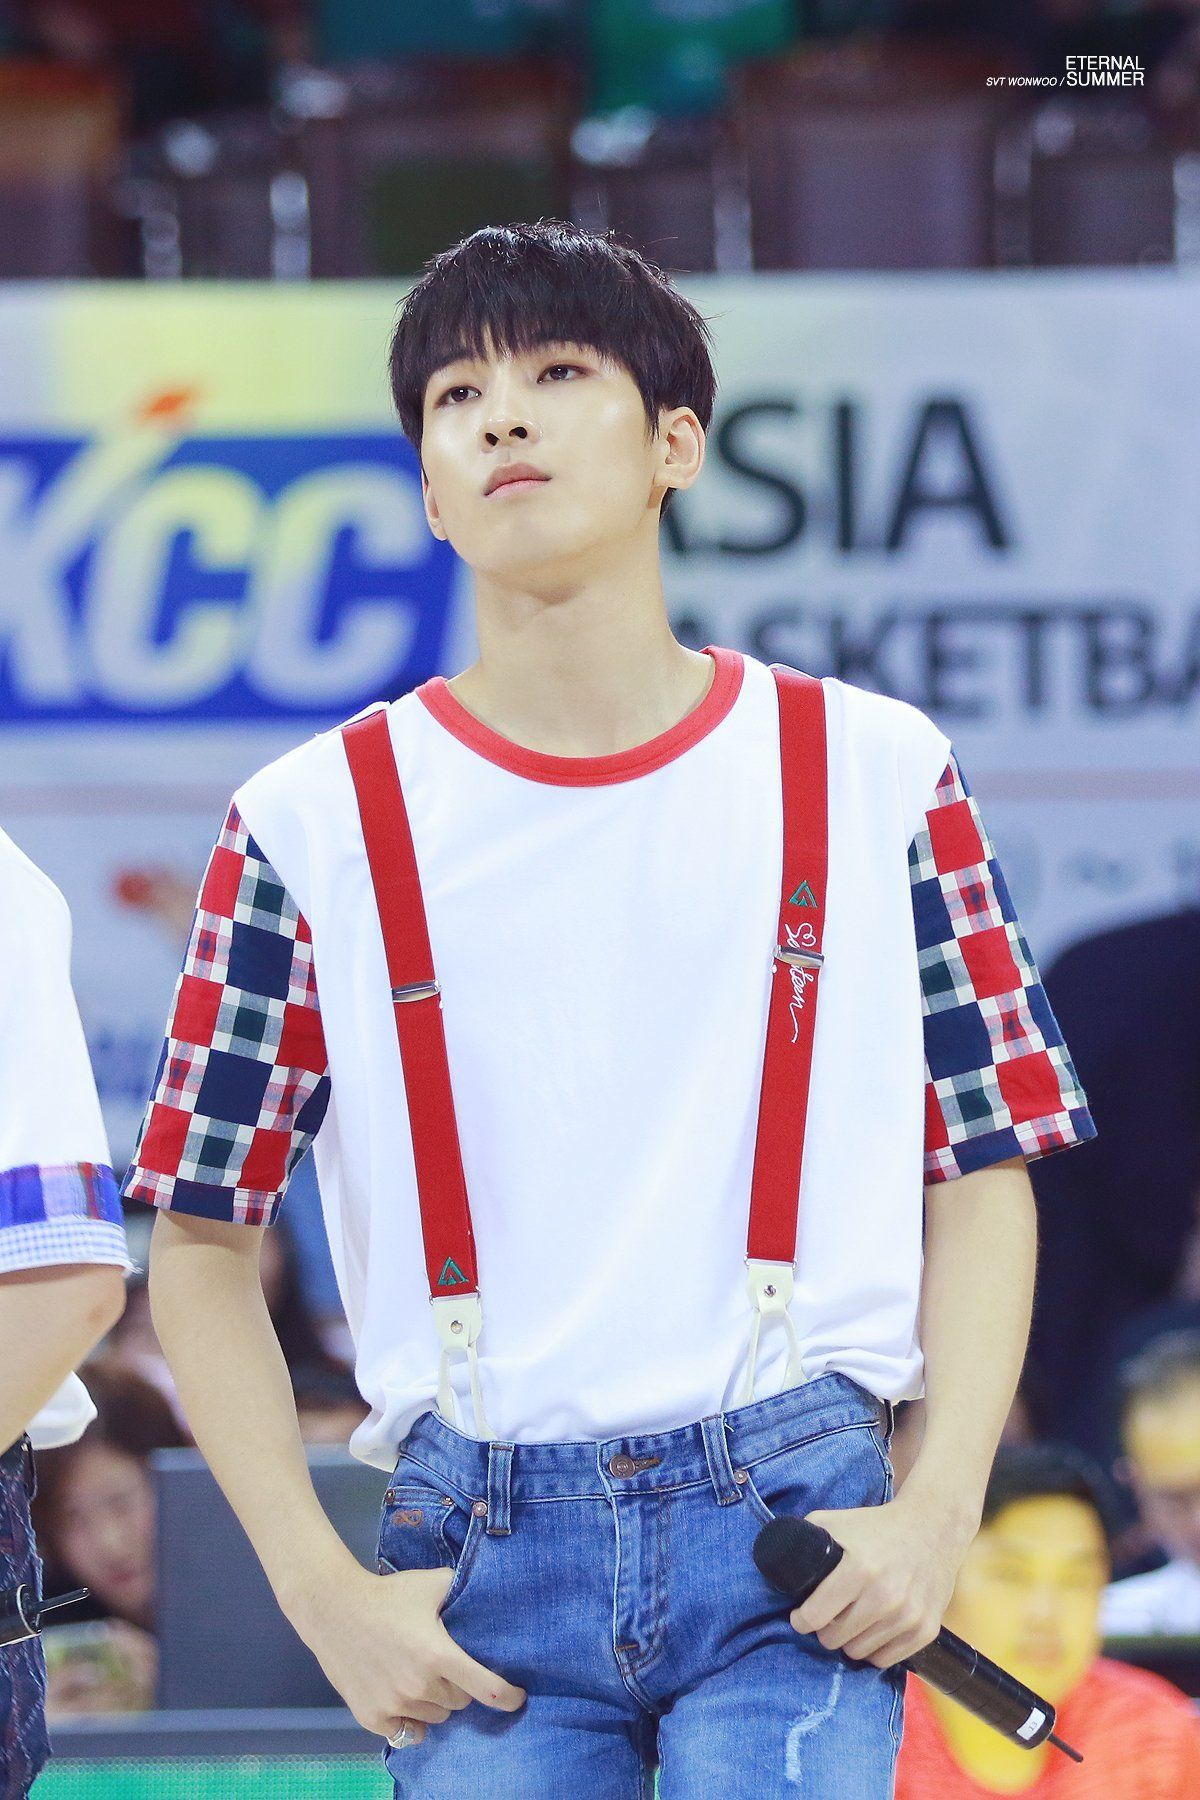 Чон Вон У 전원우 Jeon Won Woo День рождения: 17.07.1996 (Seventeen 세븐틴- Подгруппа: рэп)